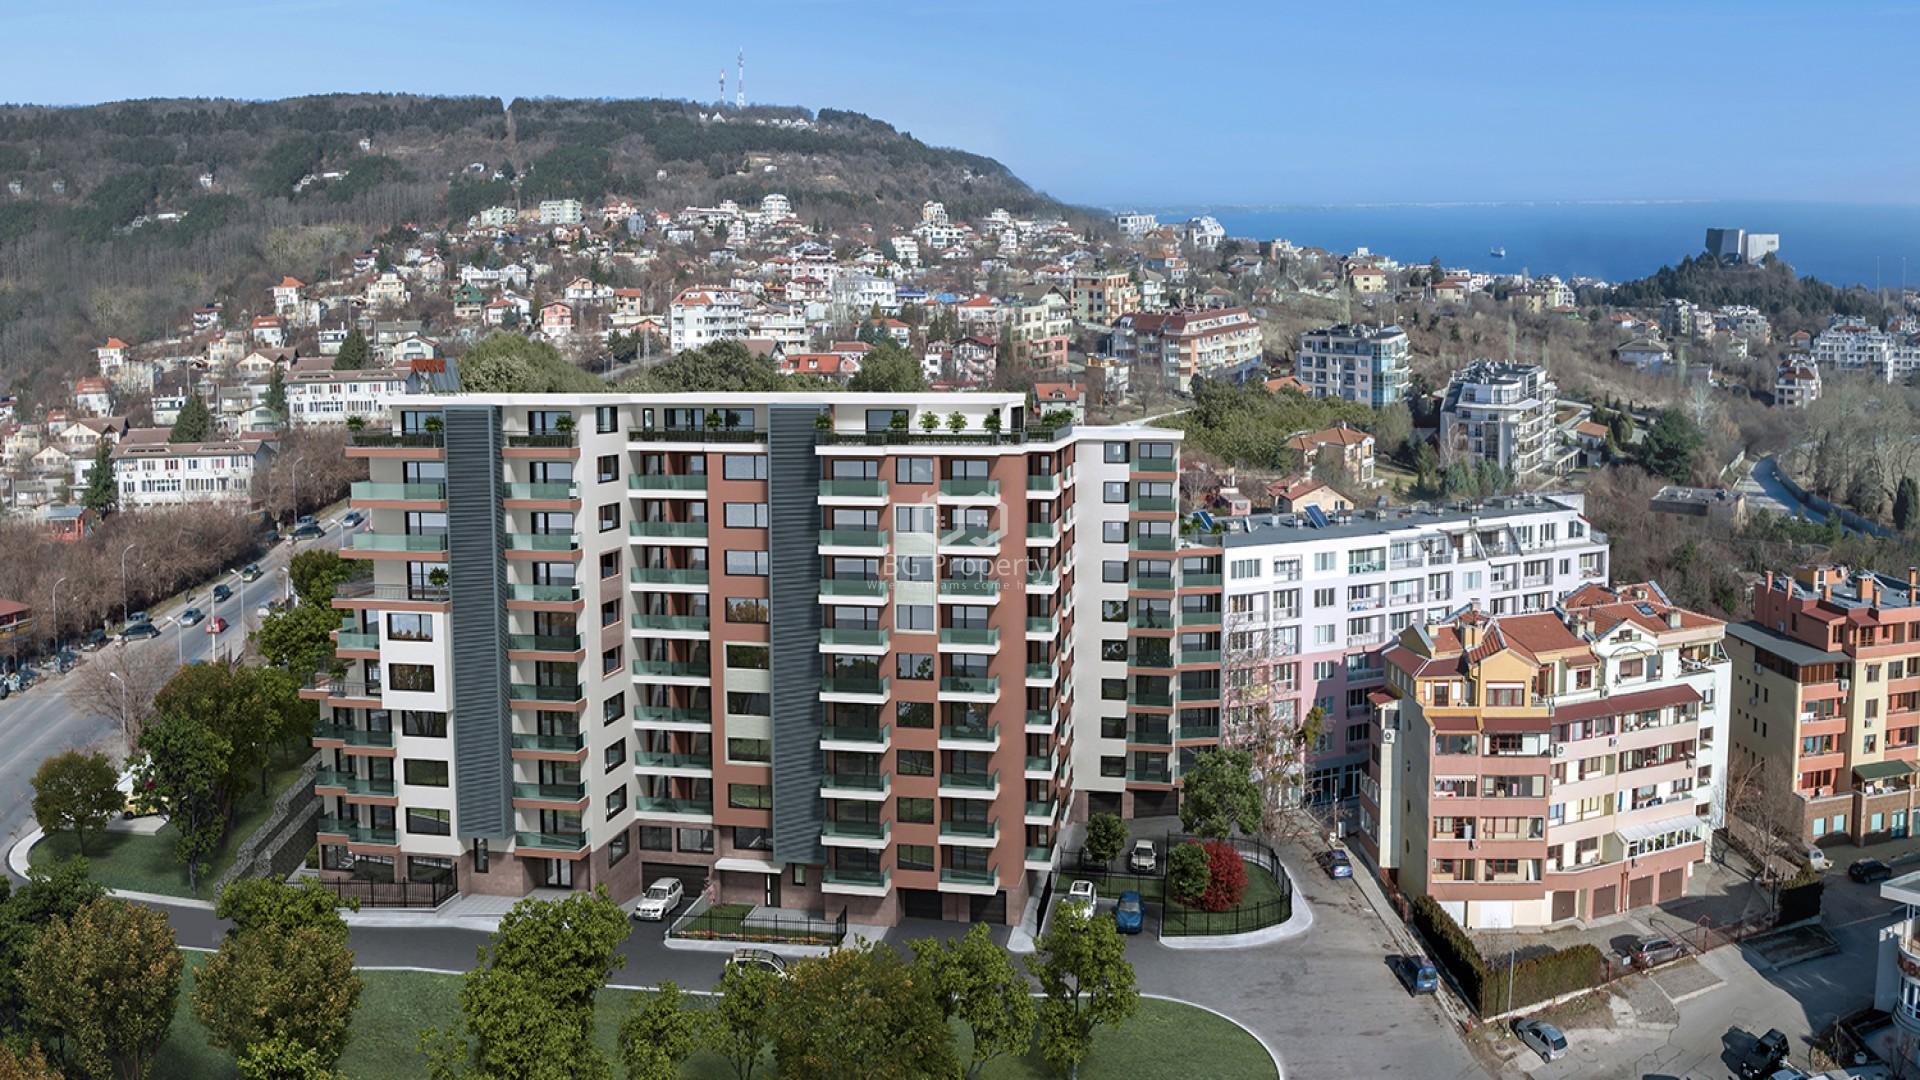 Vierzimmerwohnung in Briz, Varna 133 m2